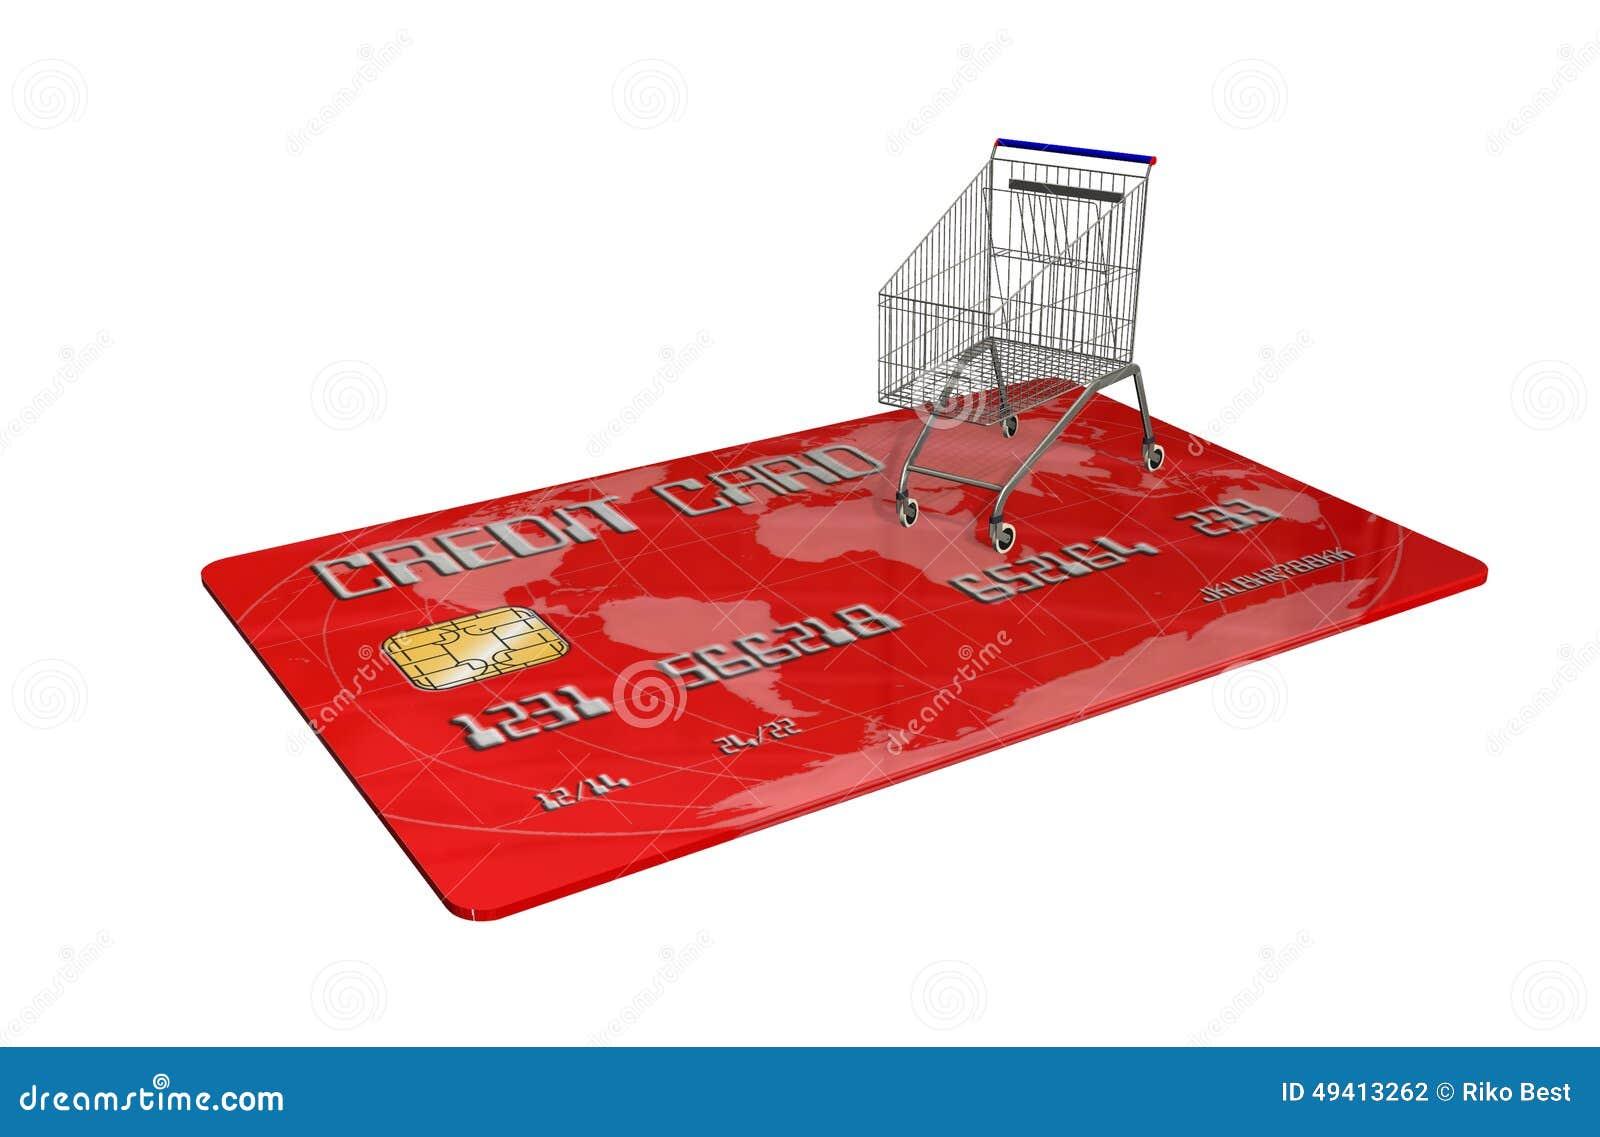 Download Kreditkarte Mit Einem Warenkorb Auf Weißem Hintergrund Stock Abbildung - Illustration von erwerb, marketing: 49413262